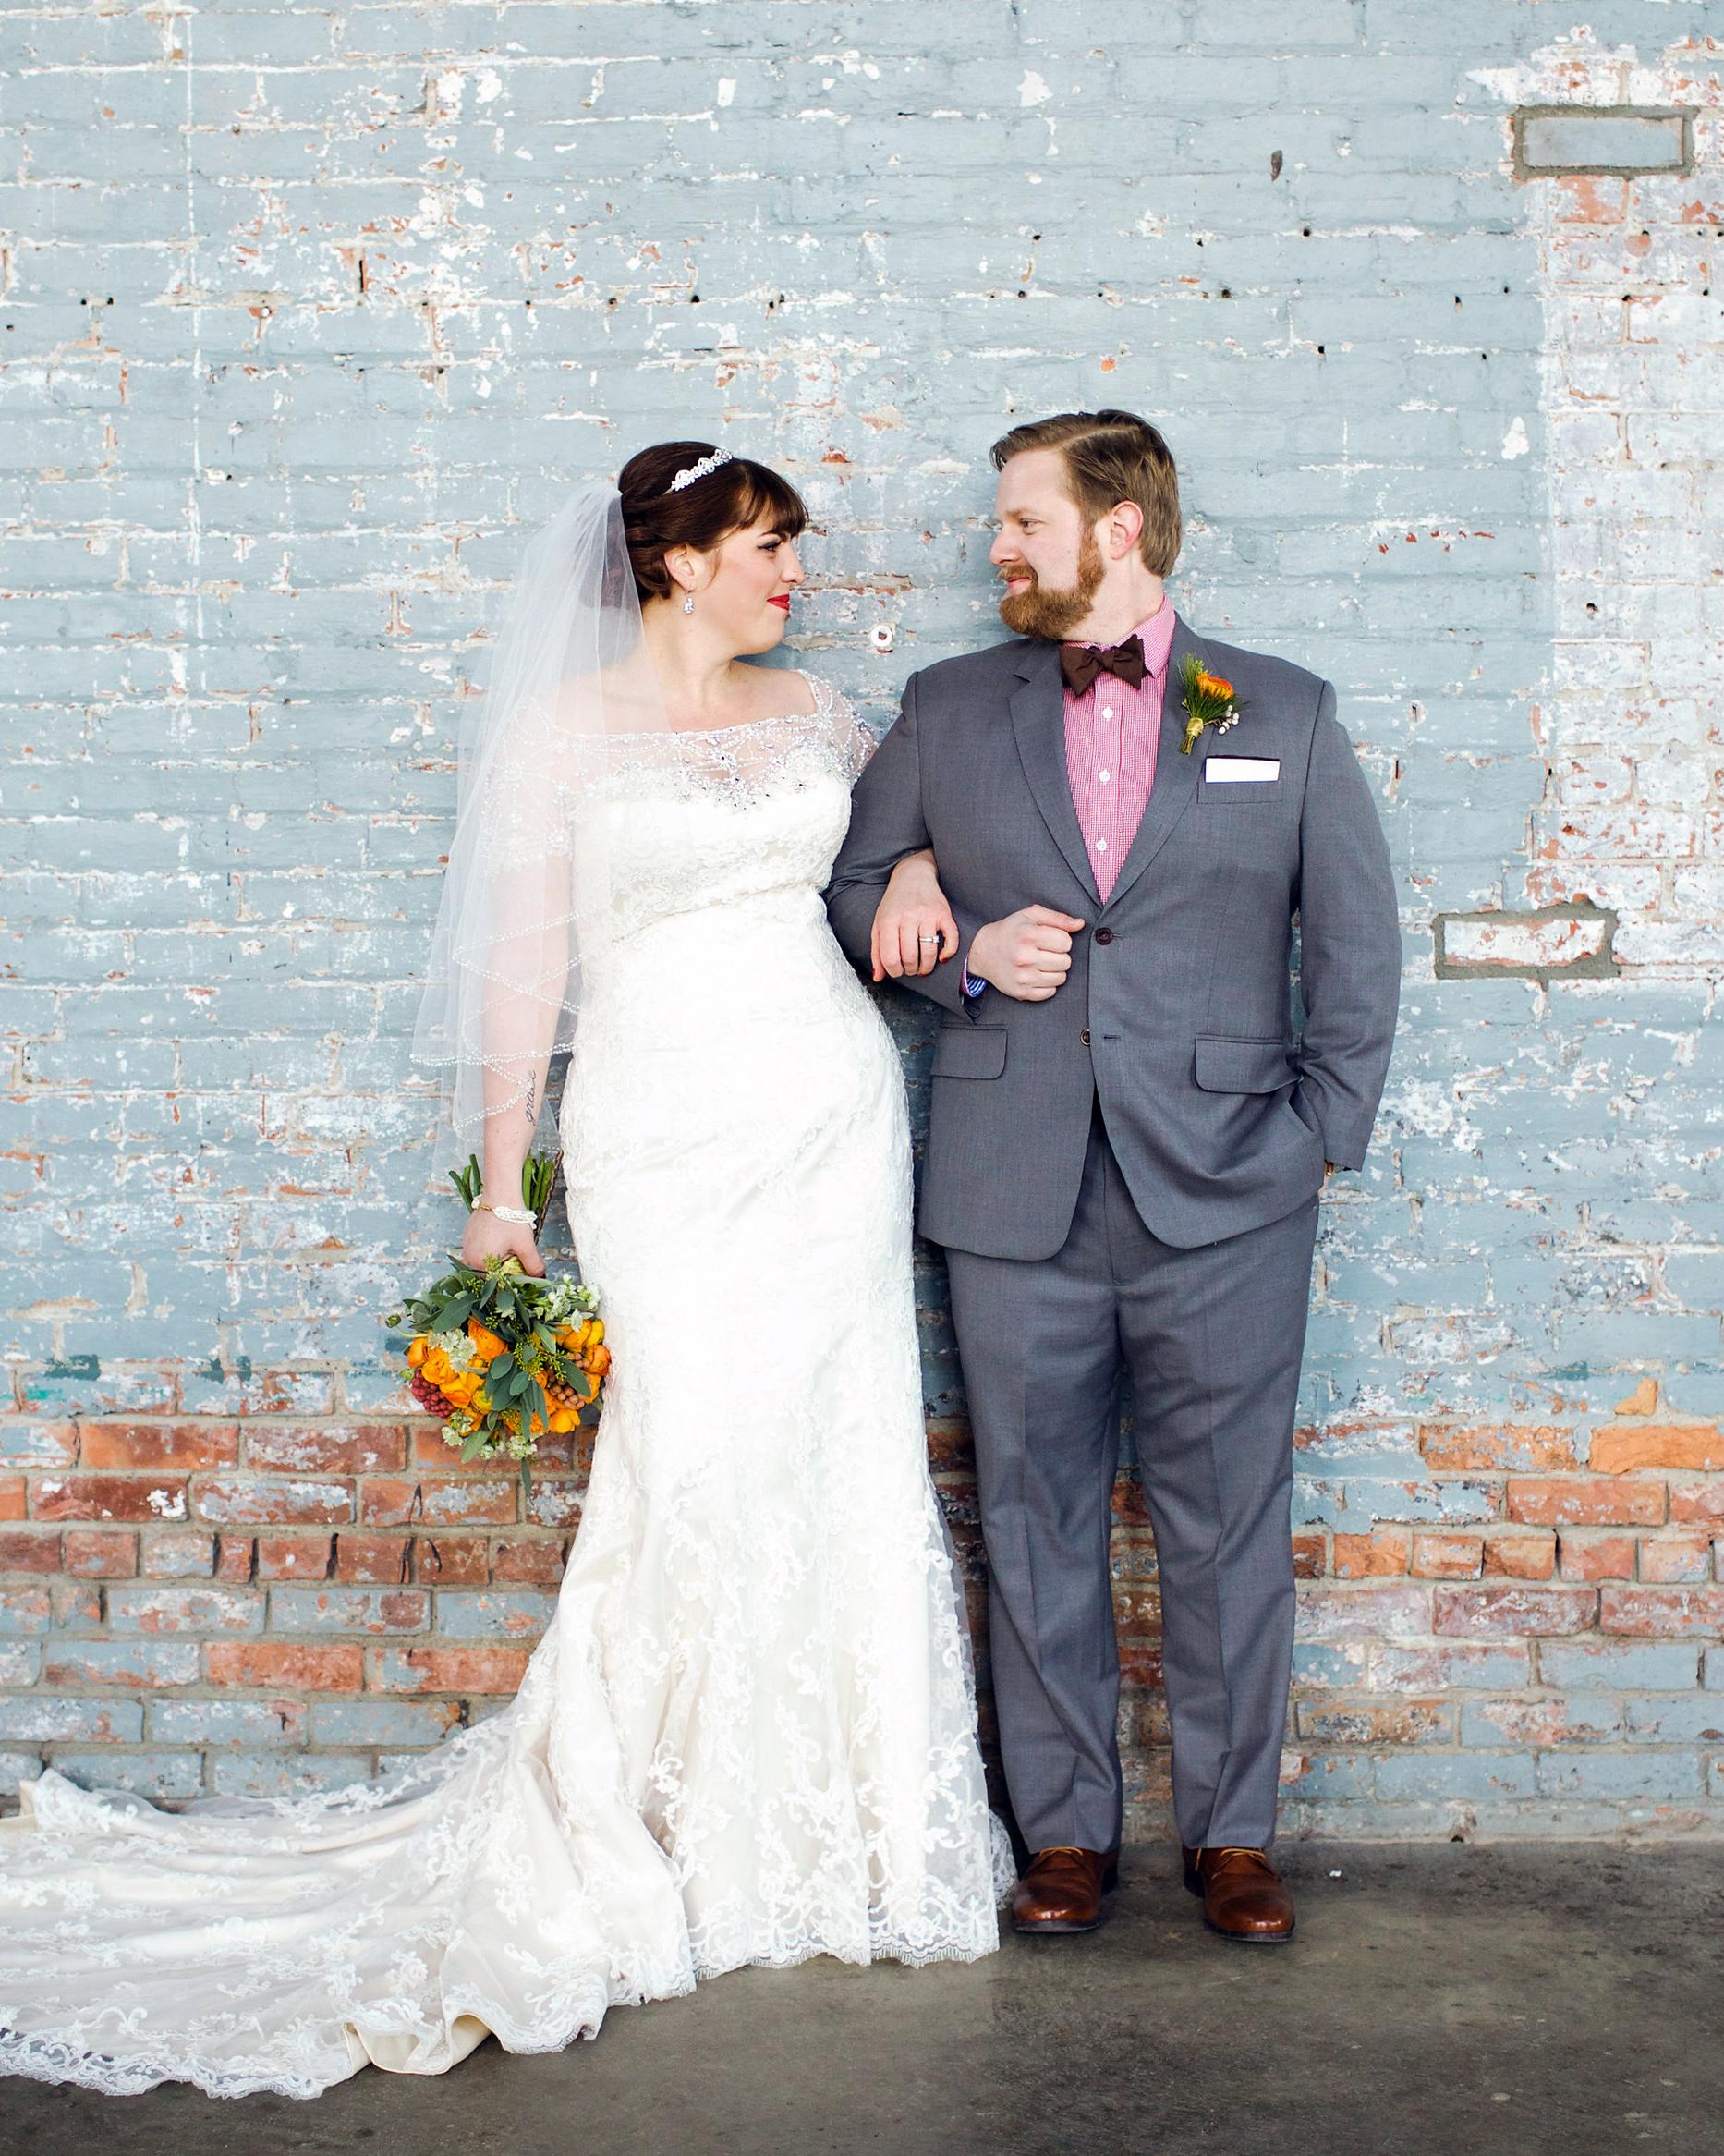 lauren-jake-wedding-couple-6830-s111838-0315.jpg